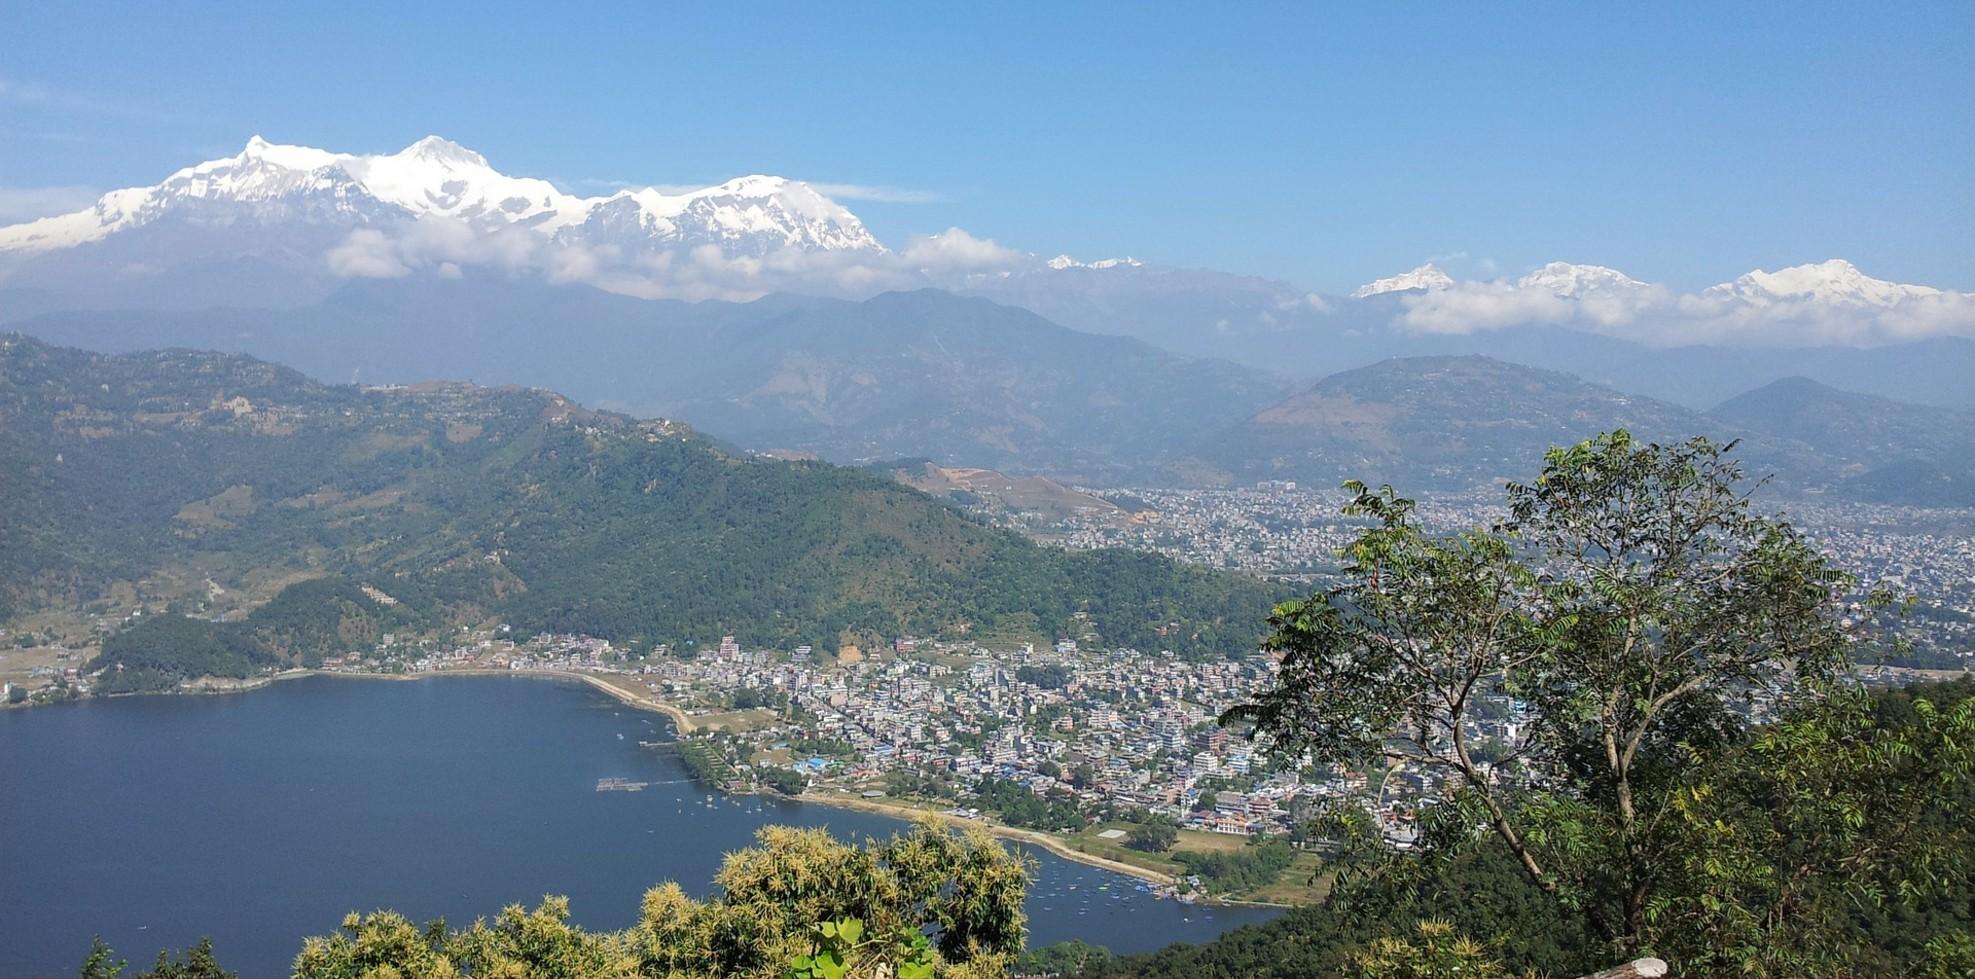 Panchase Trek (Pokhara View Trek)